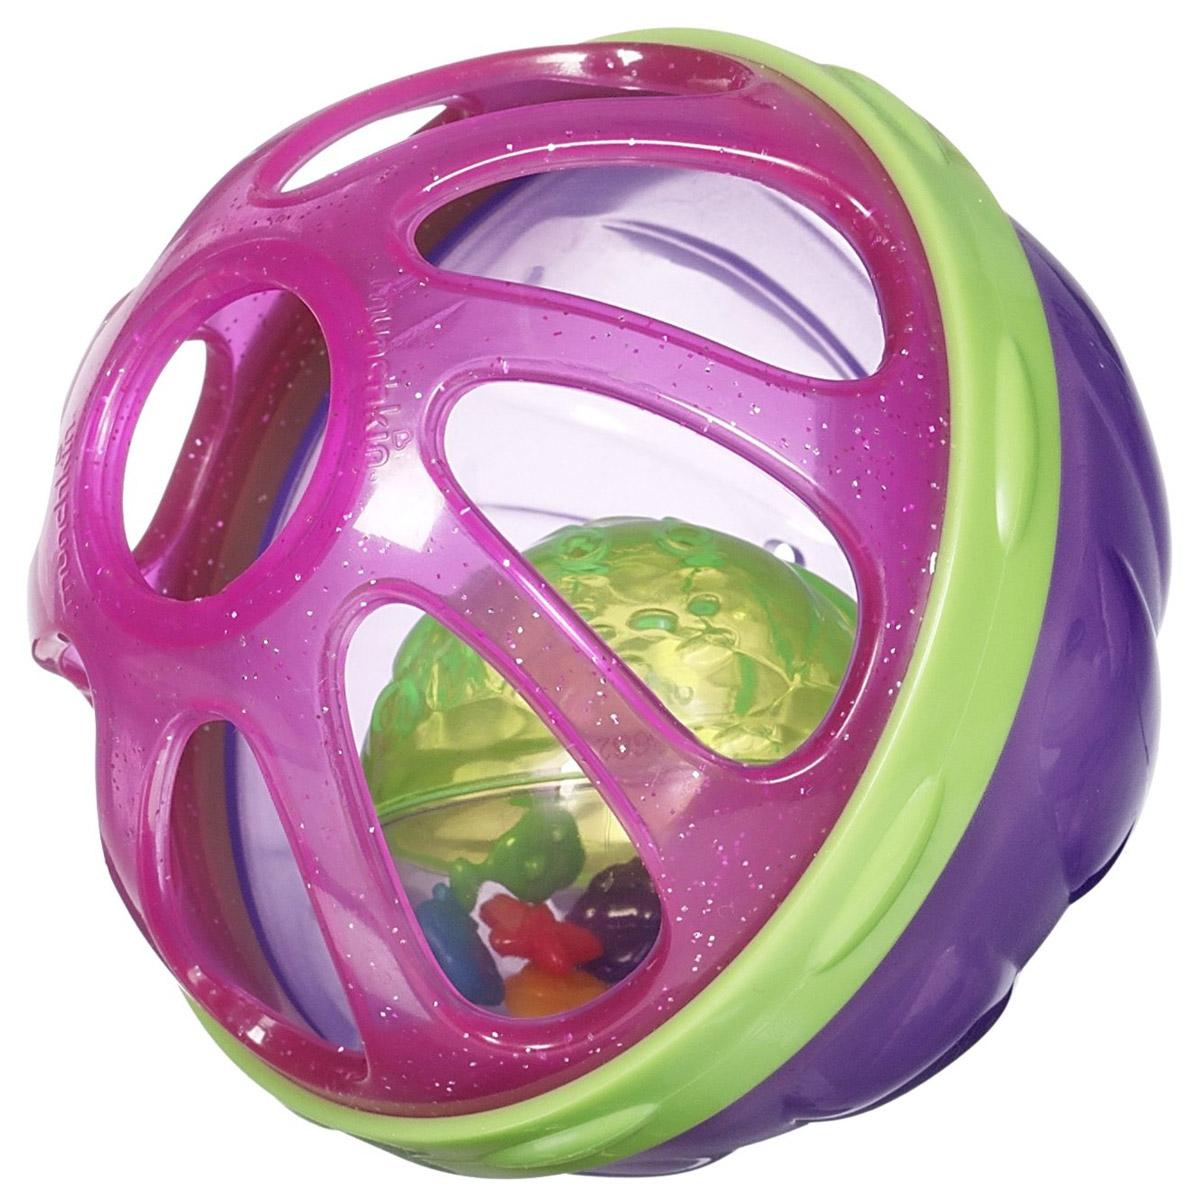 Munchkin Игрушки для ванны Мячик цвет фиолетовый розовый зеленый munchkin игрушка для ванной мячик